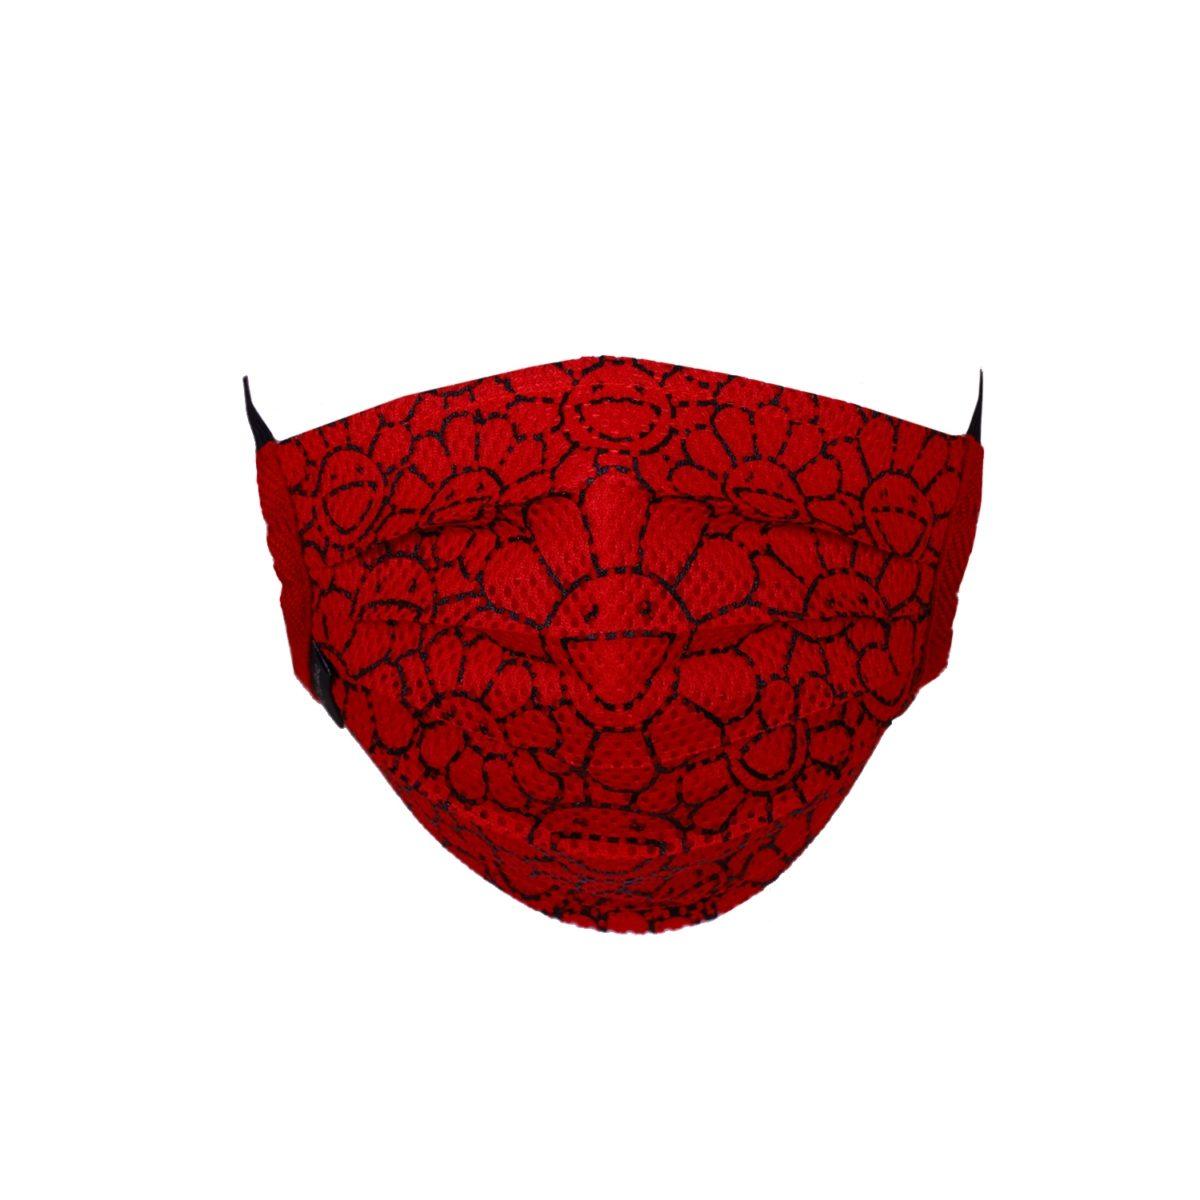 Takashi Murakami Mesh Flower Pattern Face Mask Red/Black